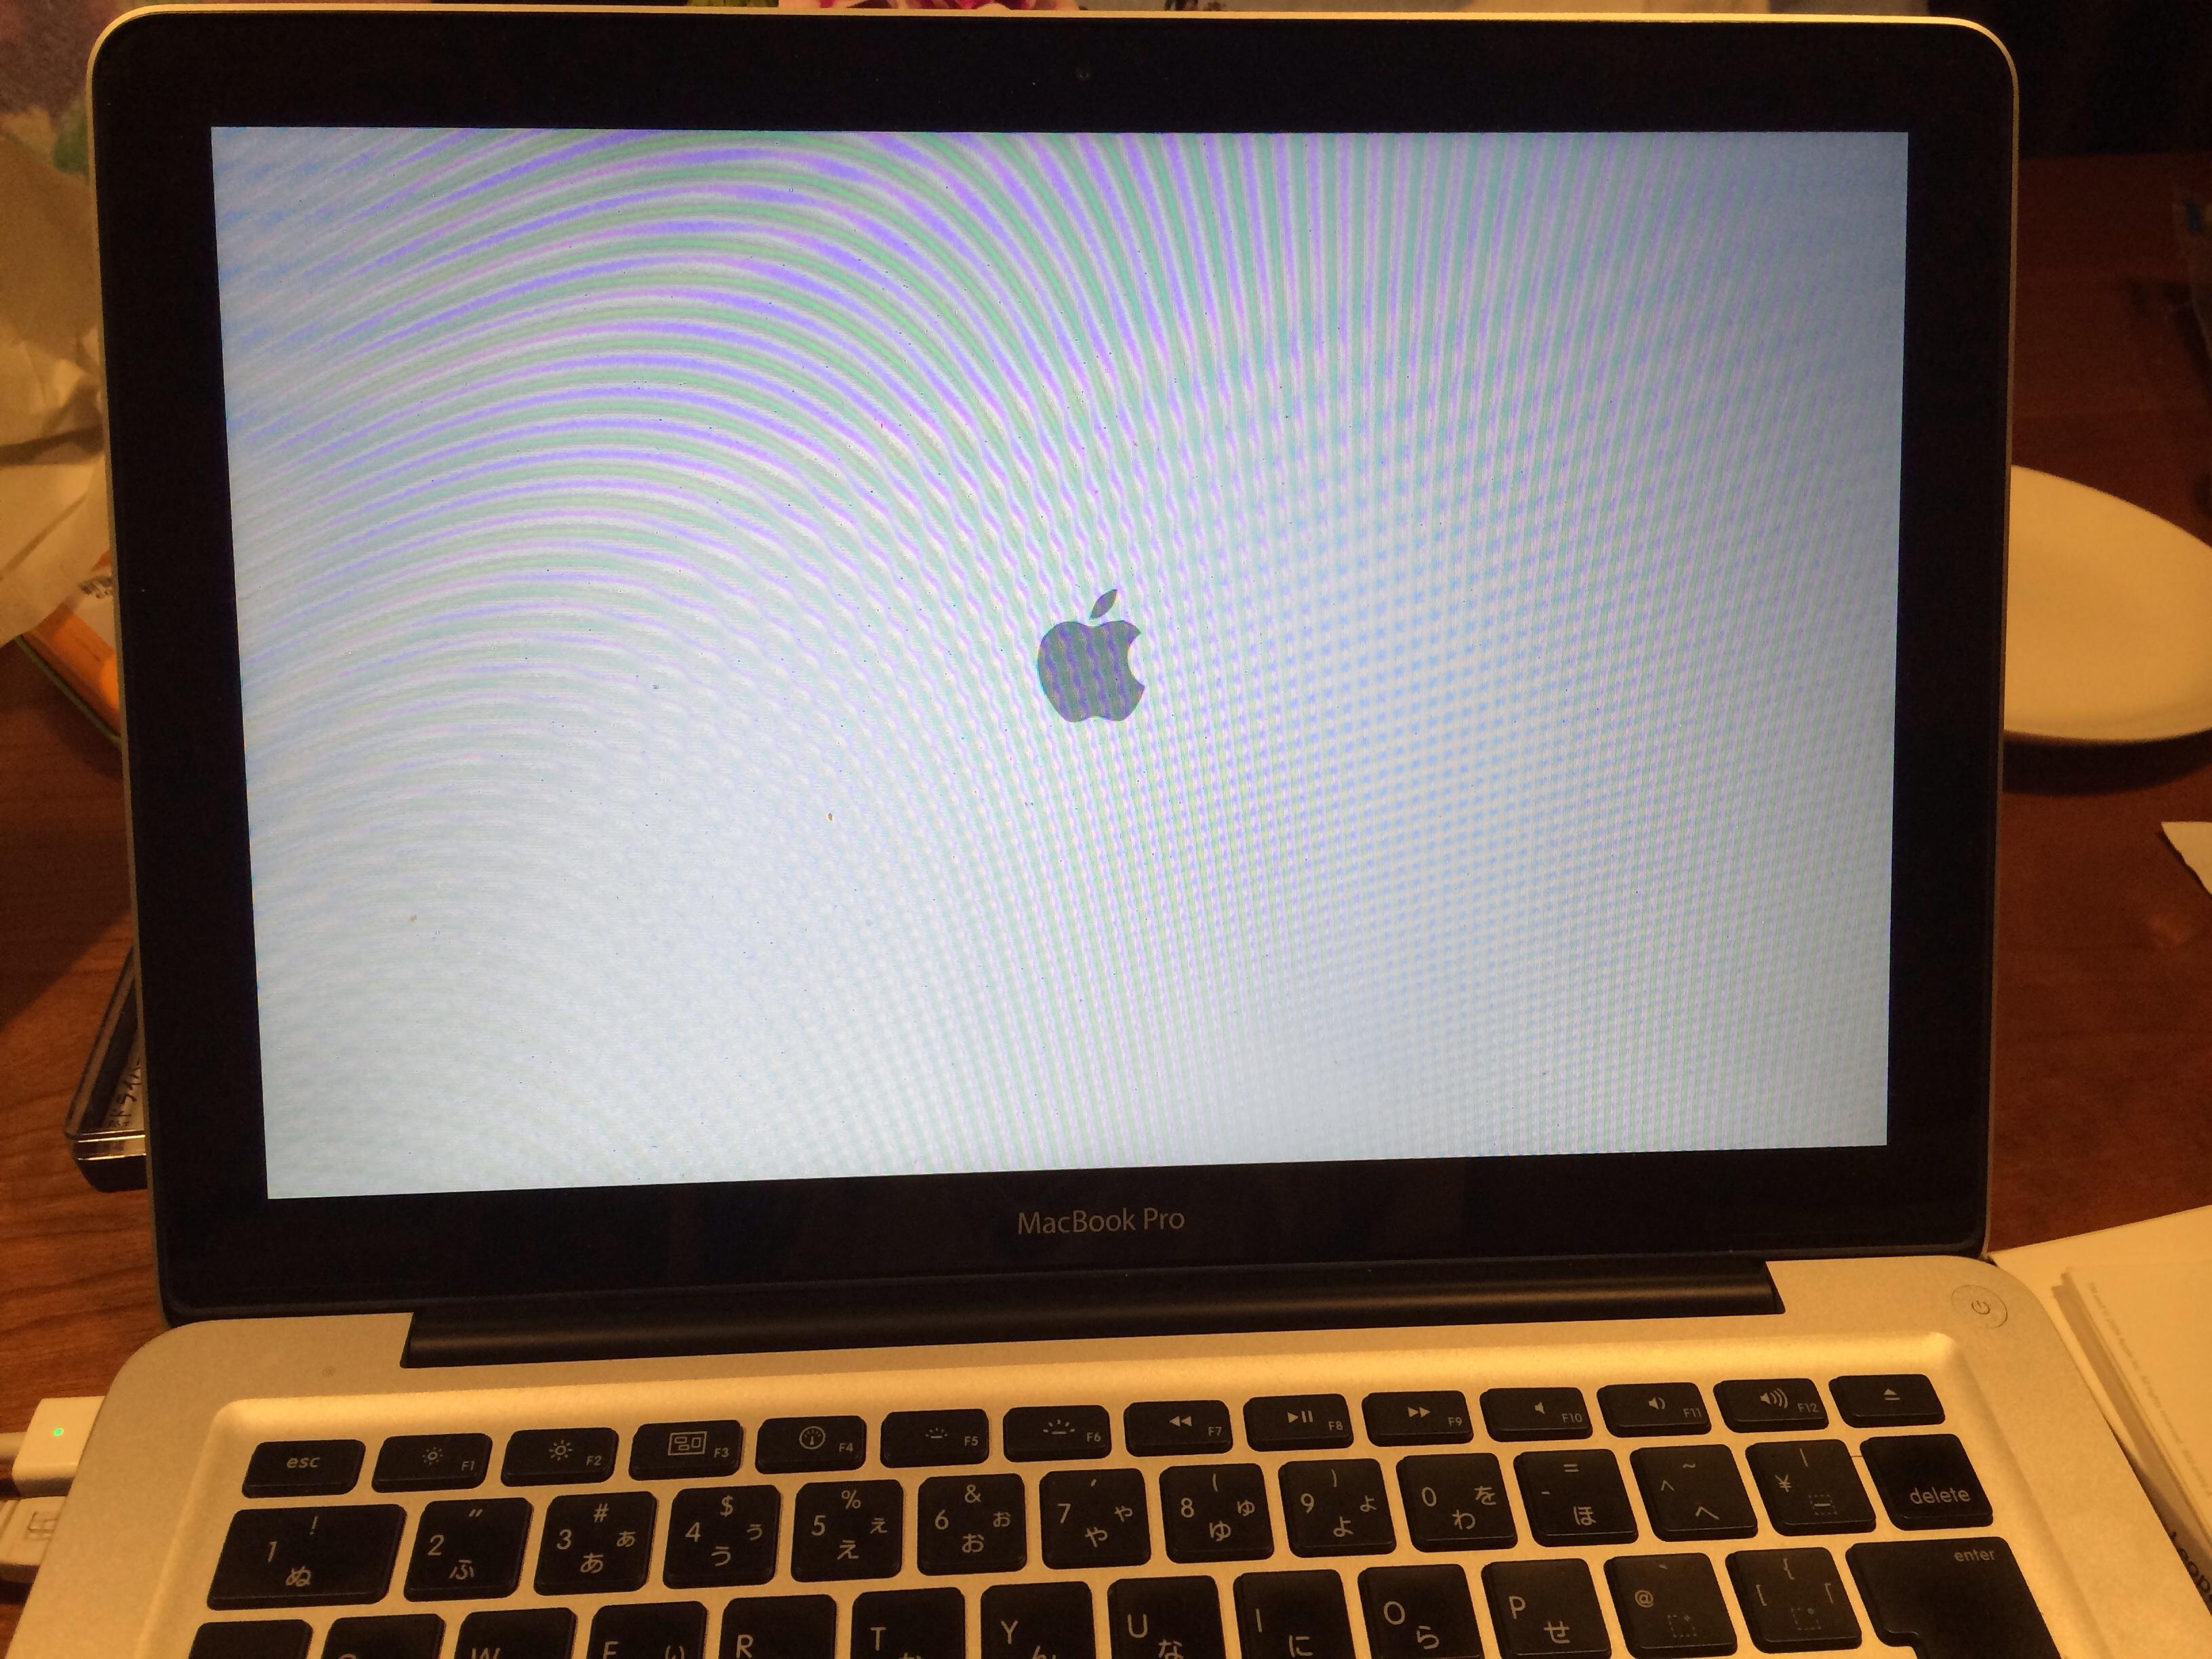 結局MacBook Pro(Mid 2009)にSSDを突っ込んだ